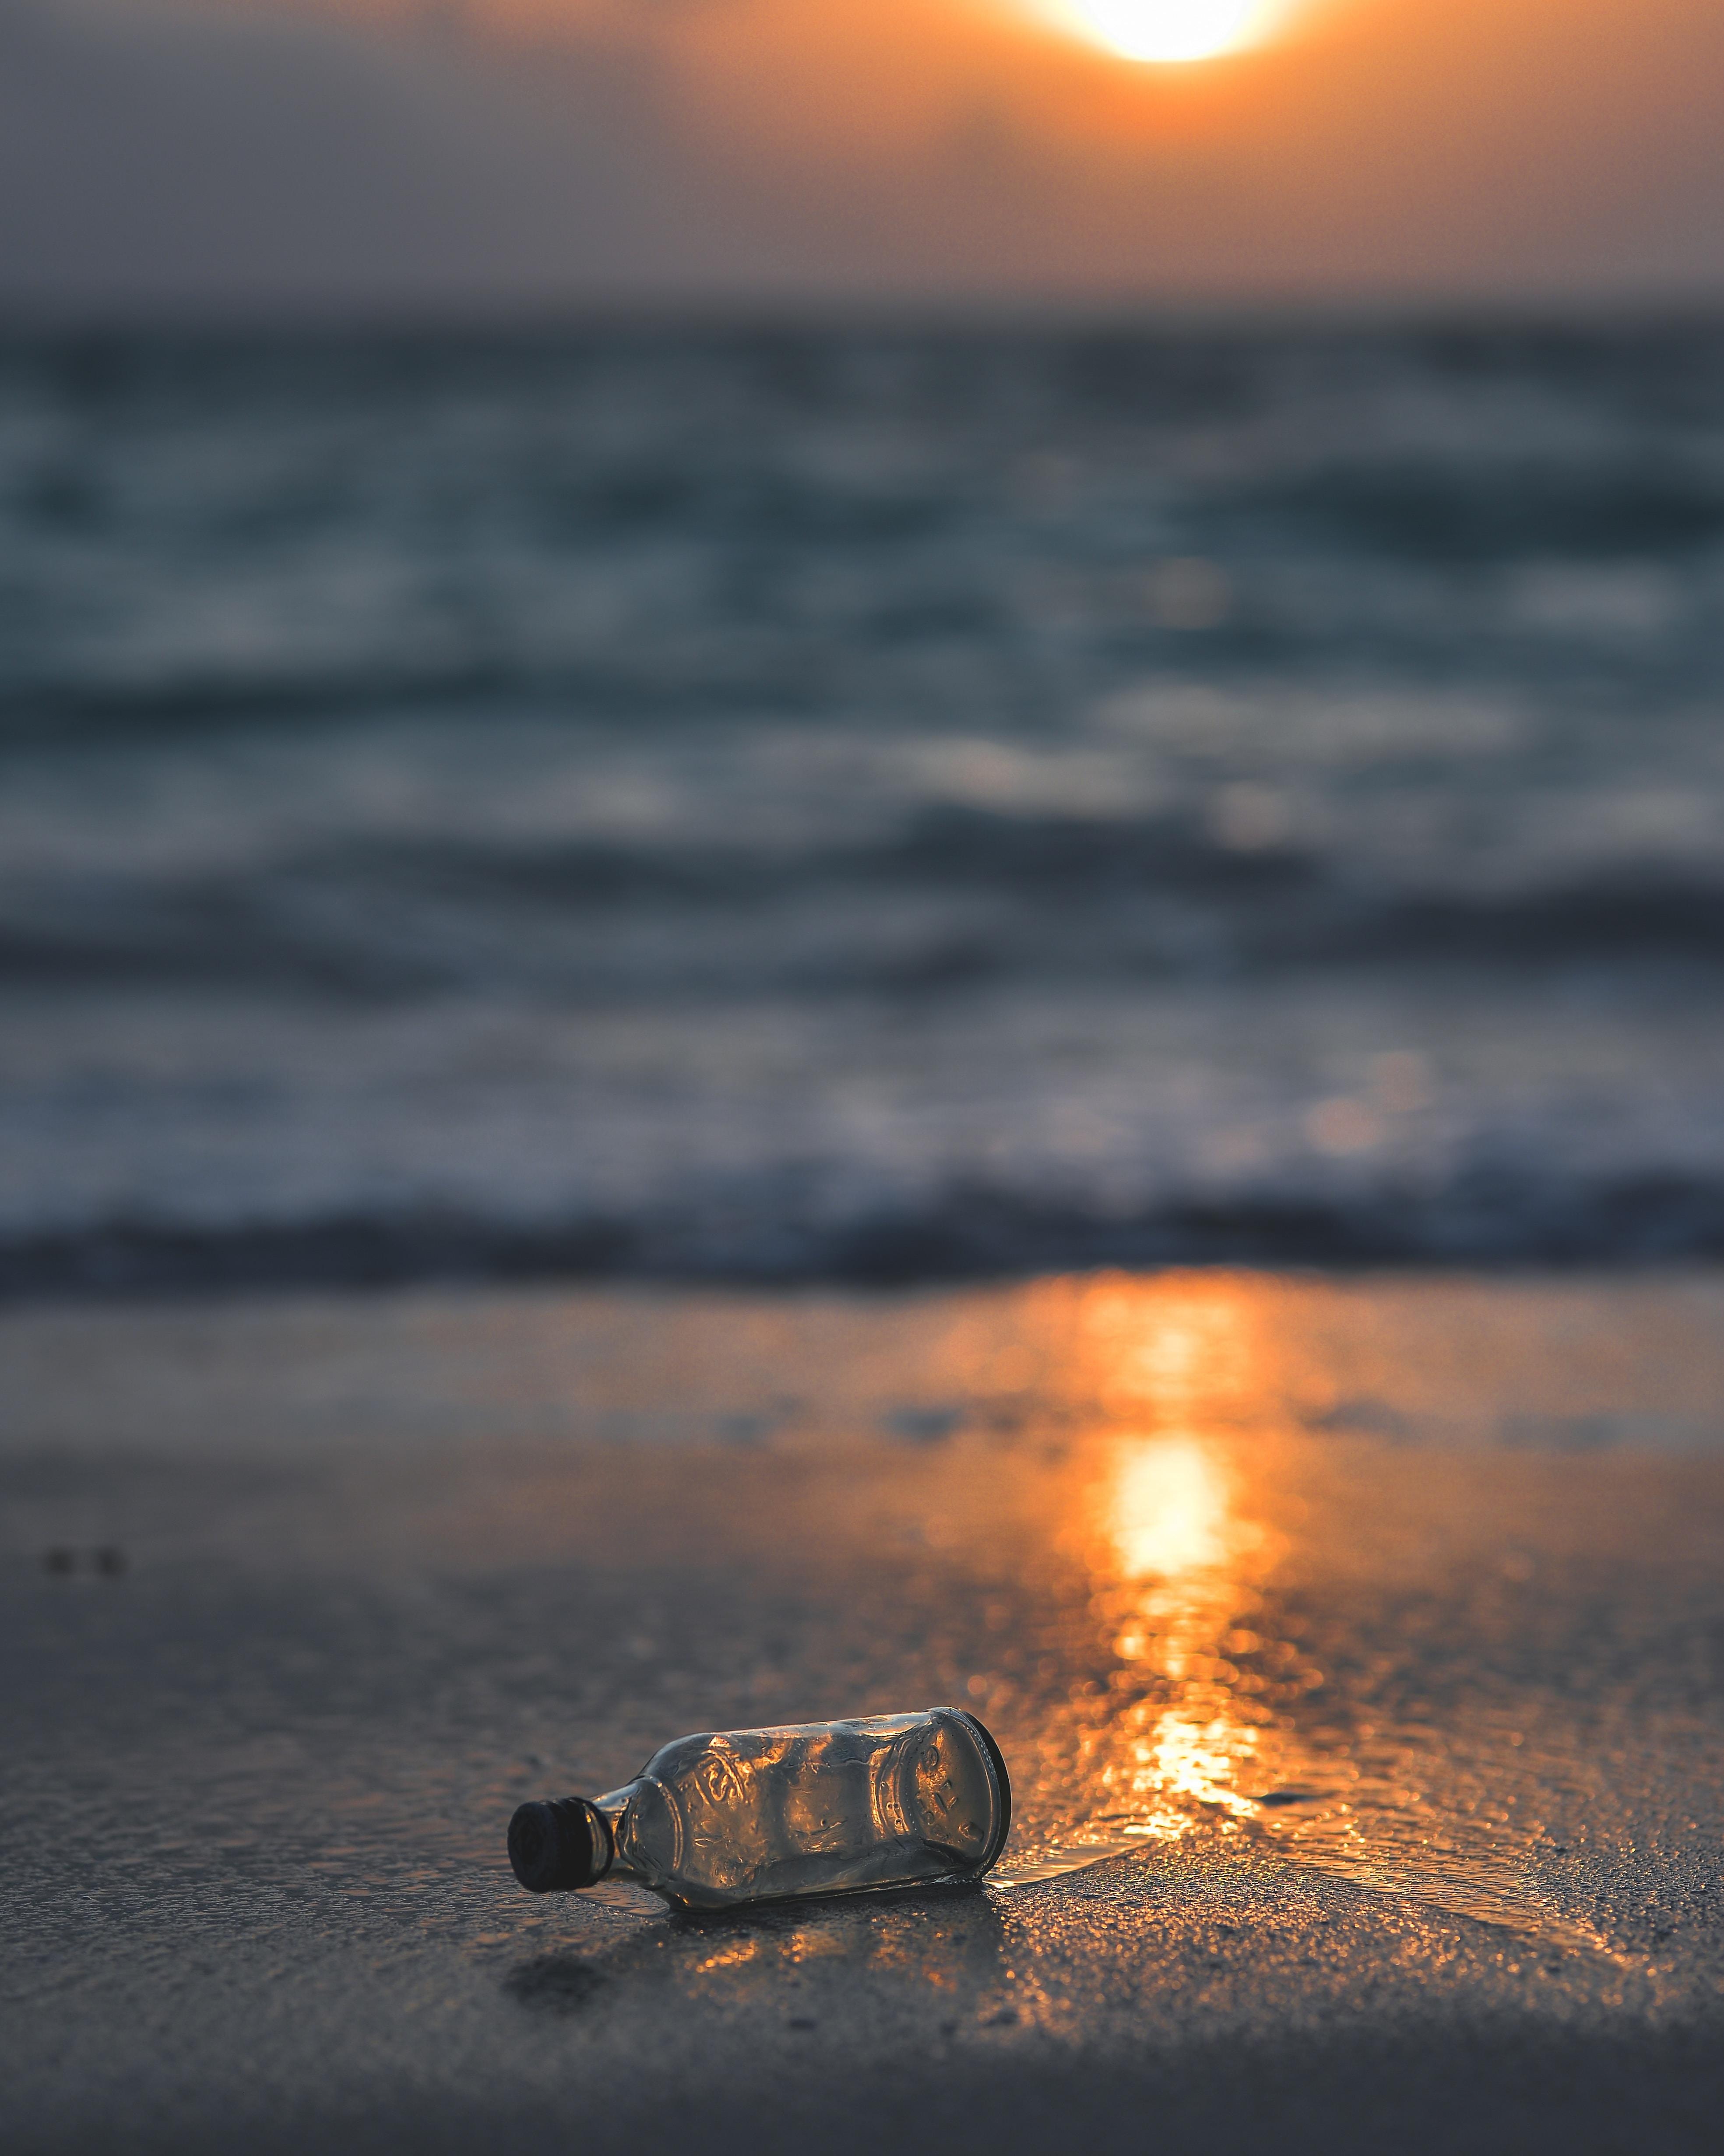 clear glass bottle on seashore